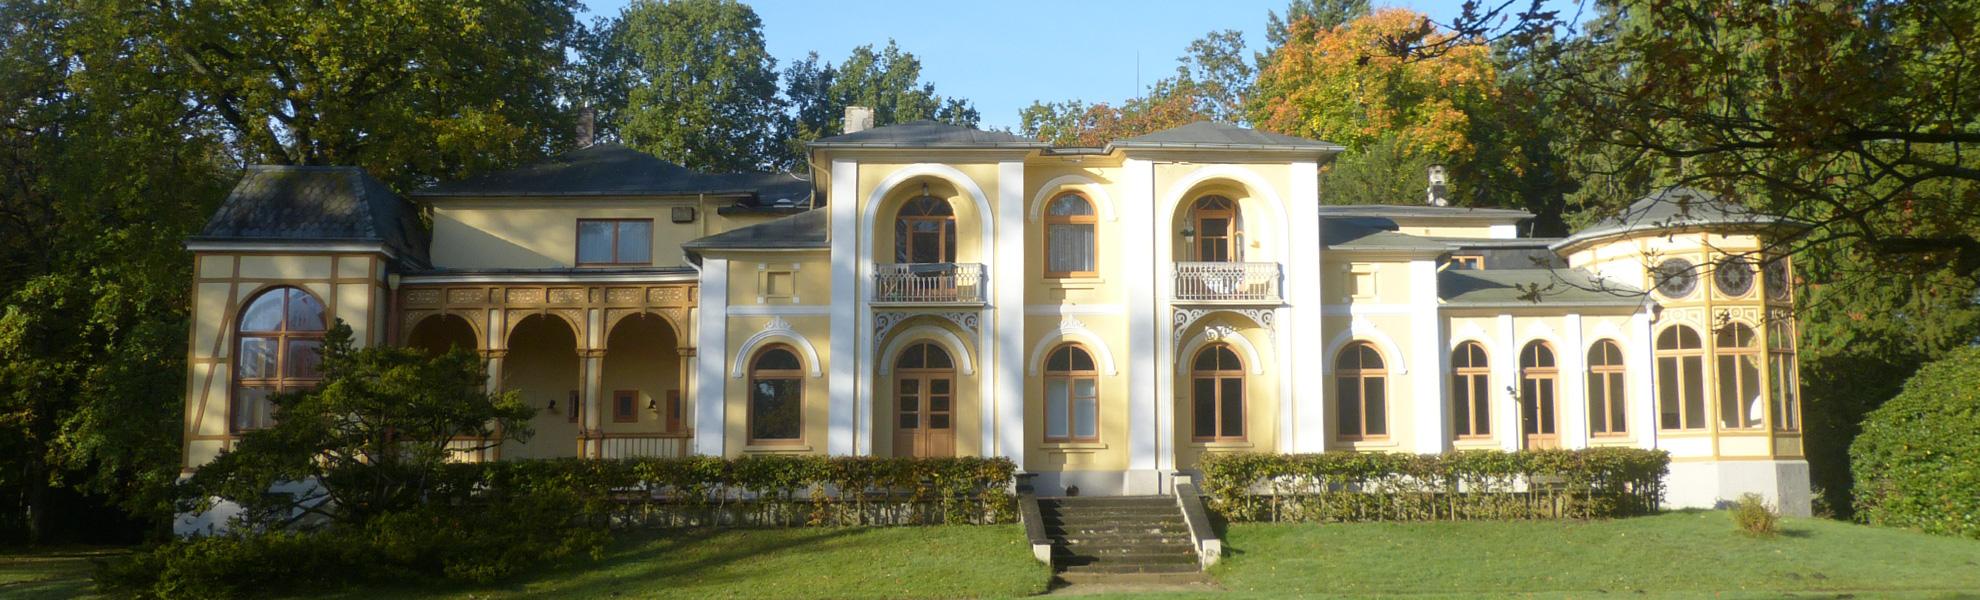 HCTec Firmensitz in Breidingsgarten